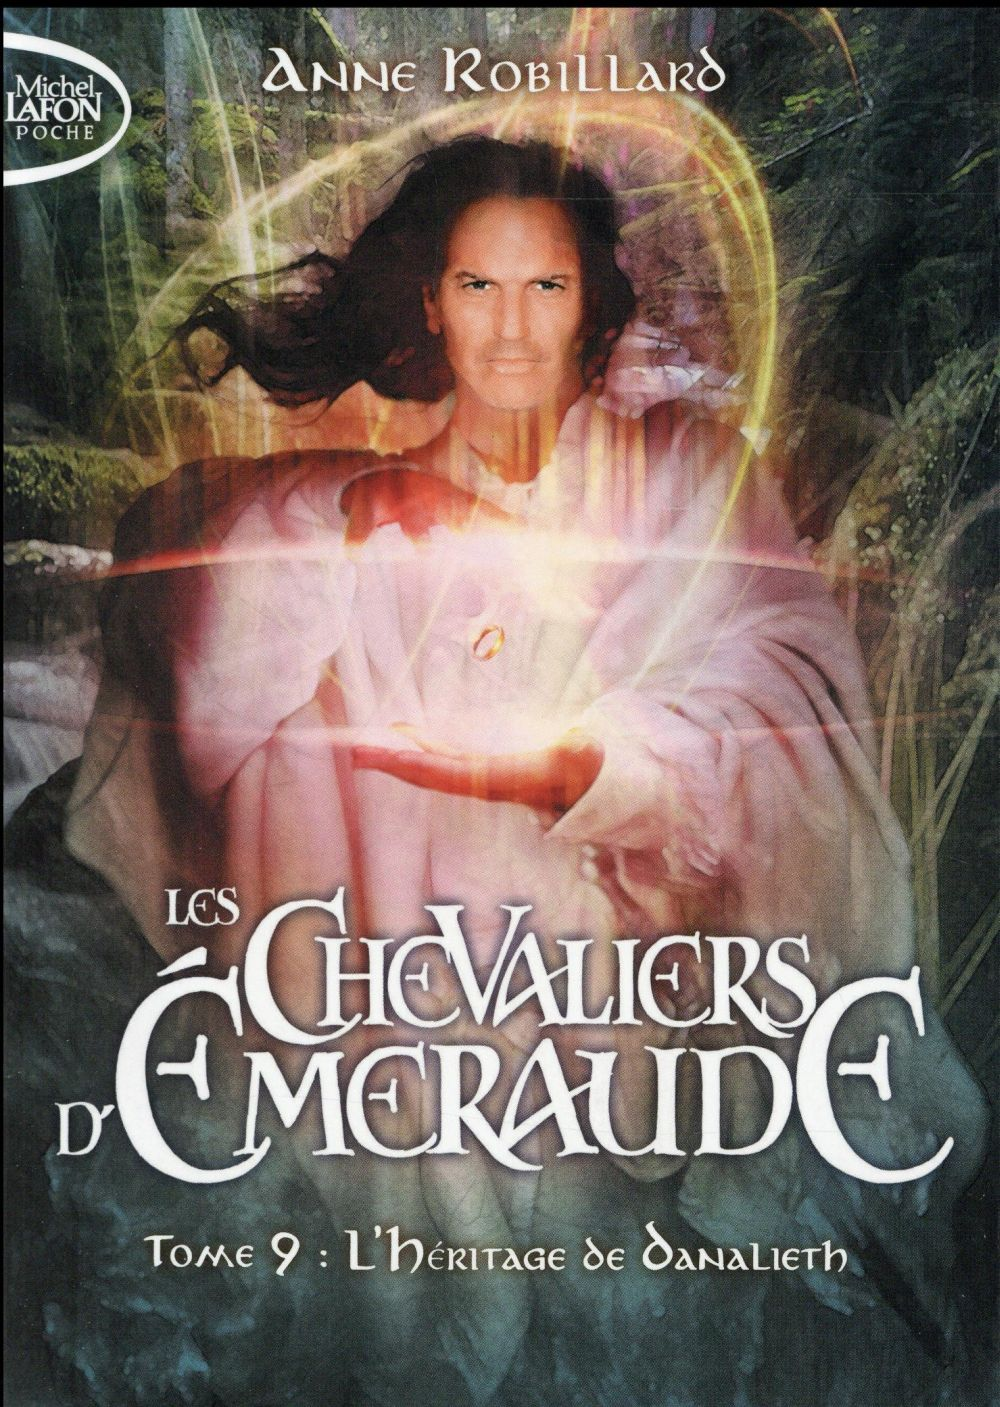 LES CHEVALIERS D'EMERAUDE TOME 9 L'HERITAGE DU DANALIETH